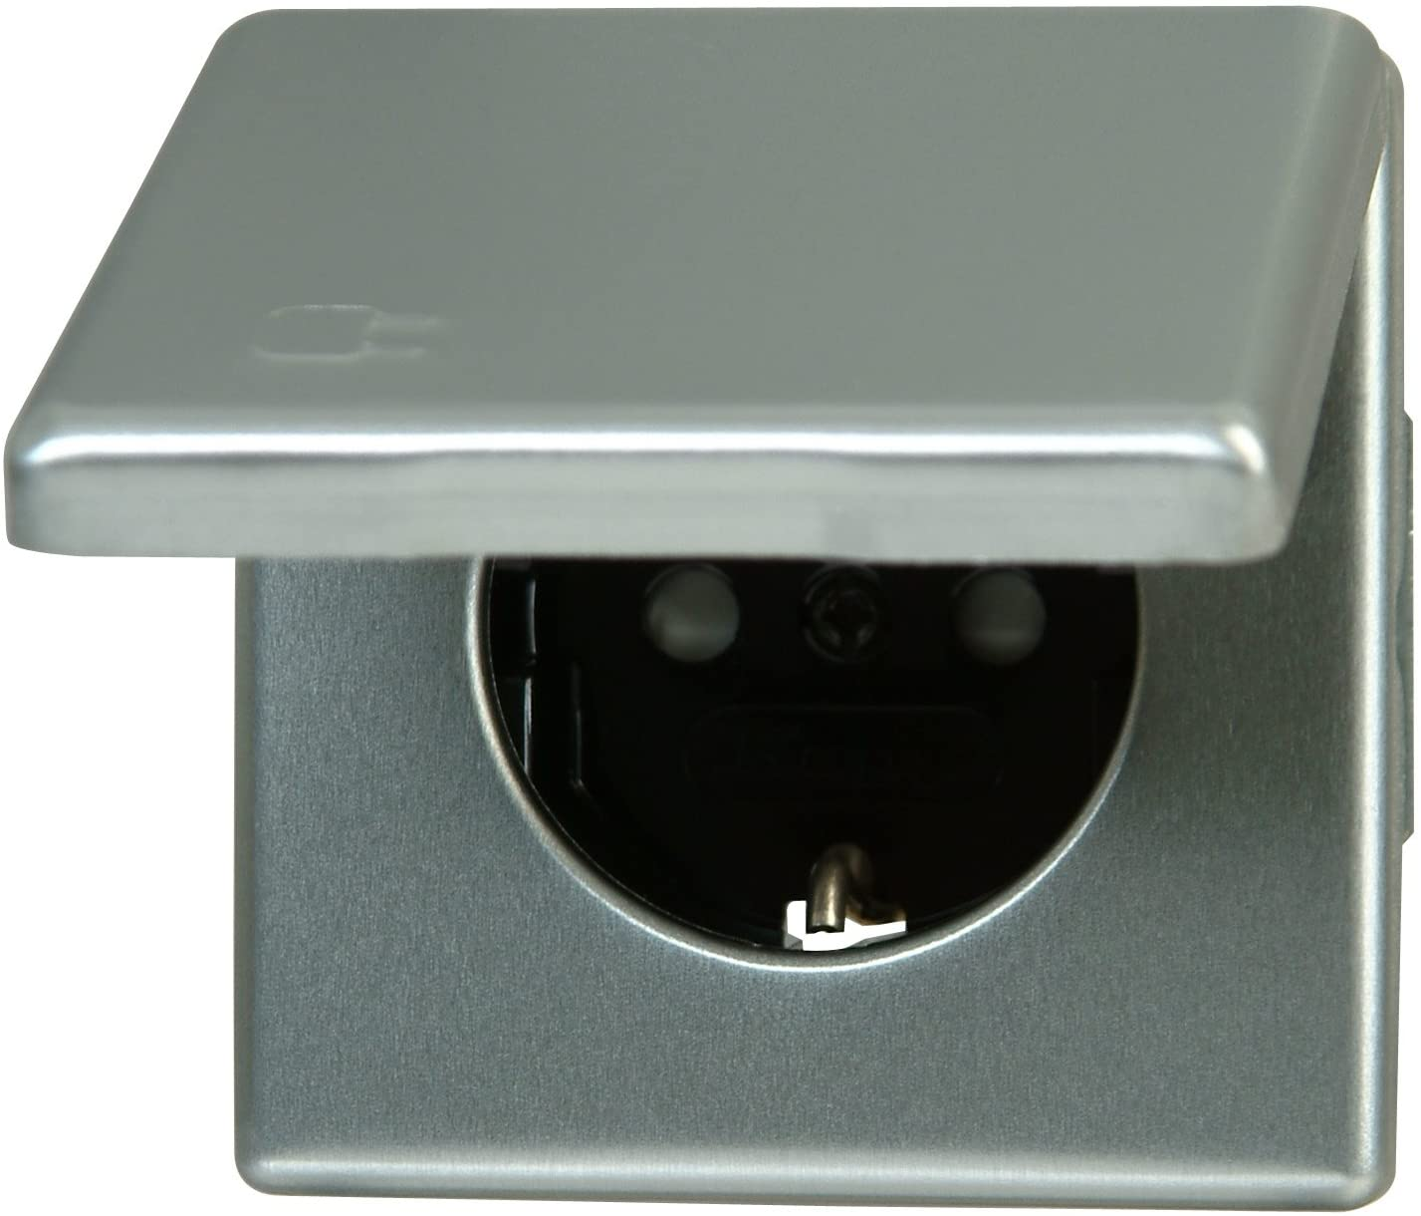 Enchufe con Tapa y protecci/ón de Contacto Kopp 115620083 Vision